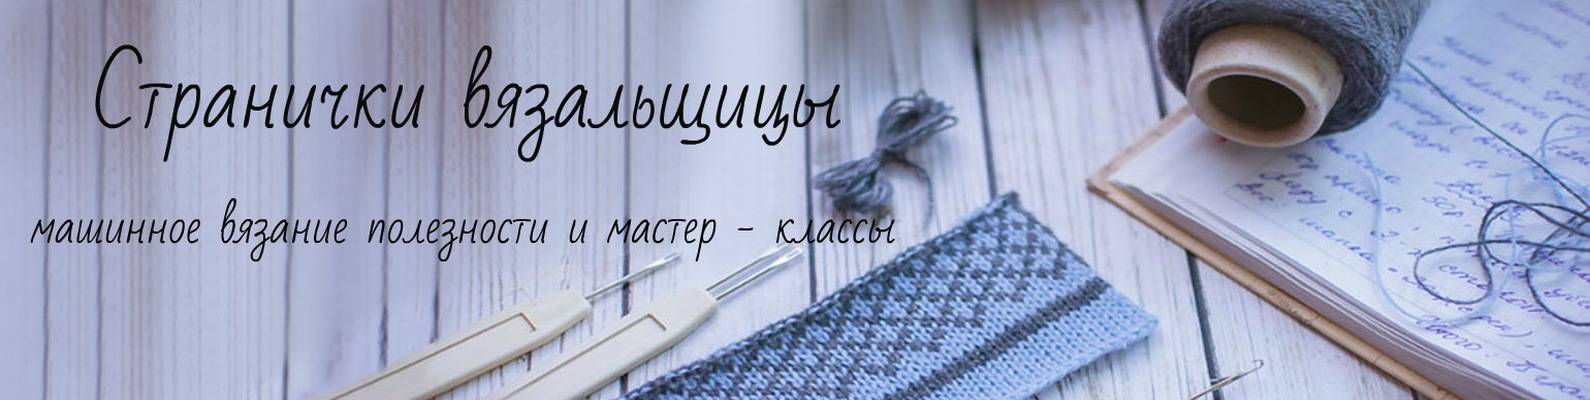 машинное вязаниестранички вязальщицы вконтакте